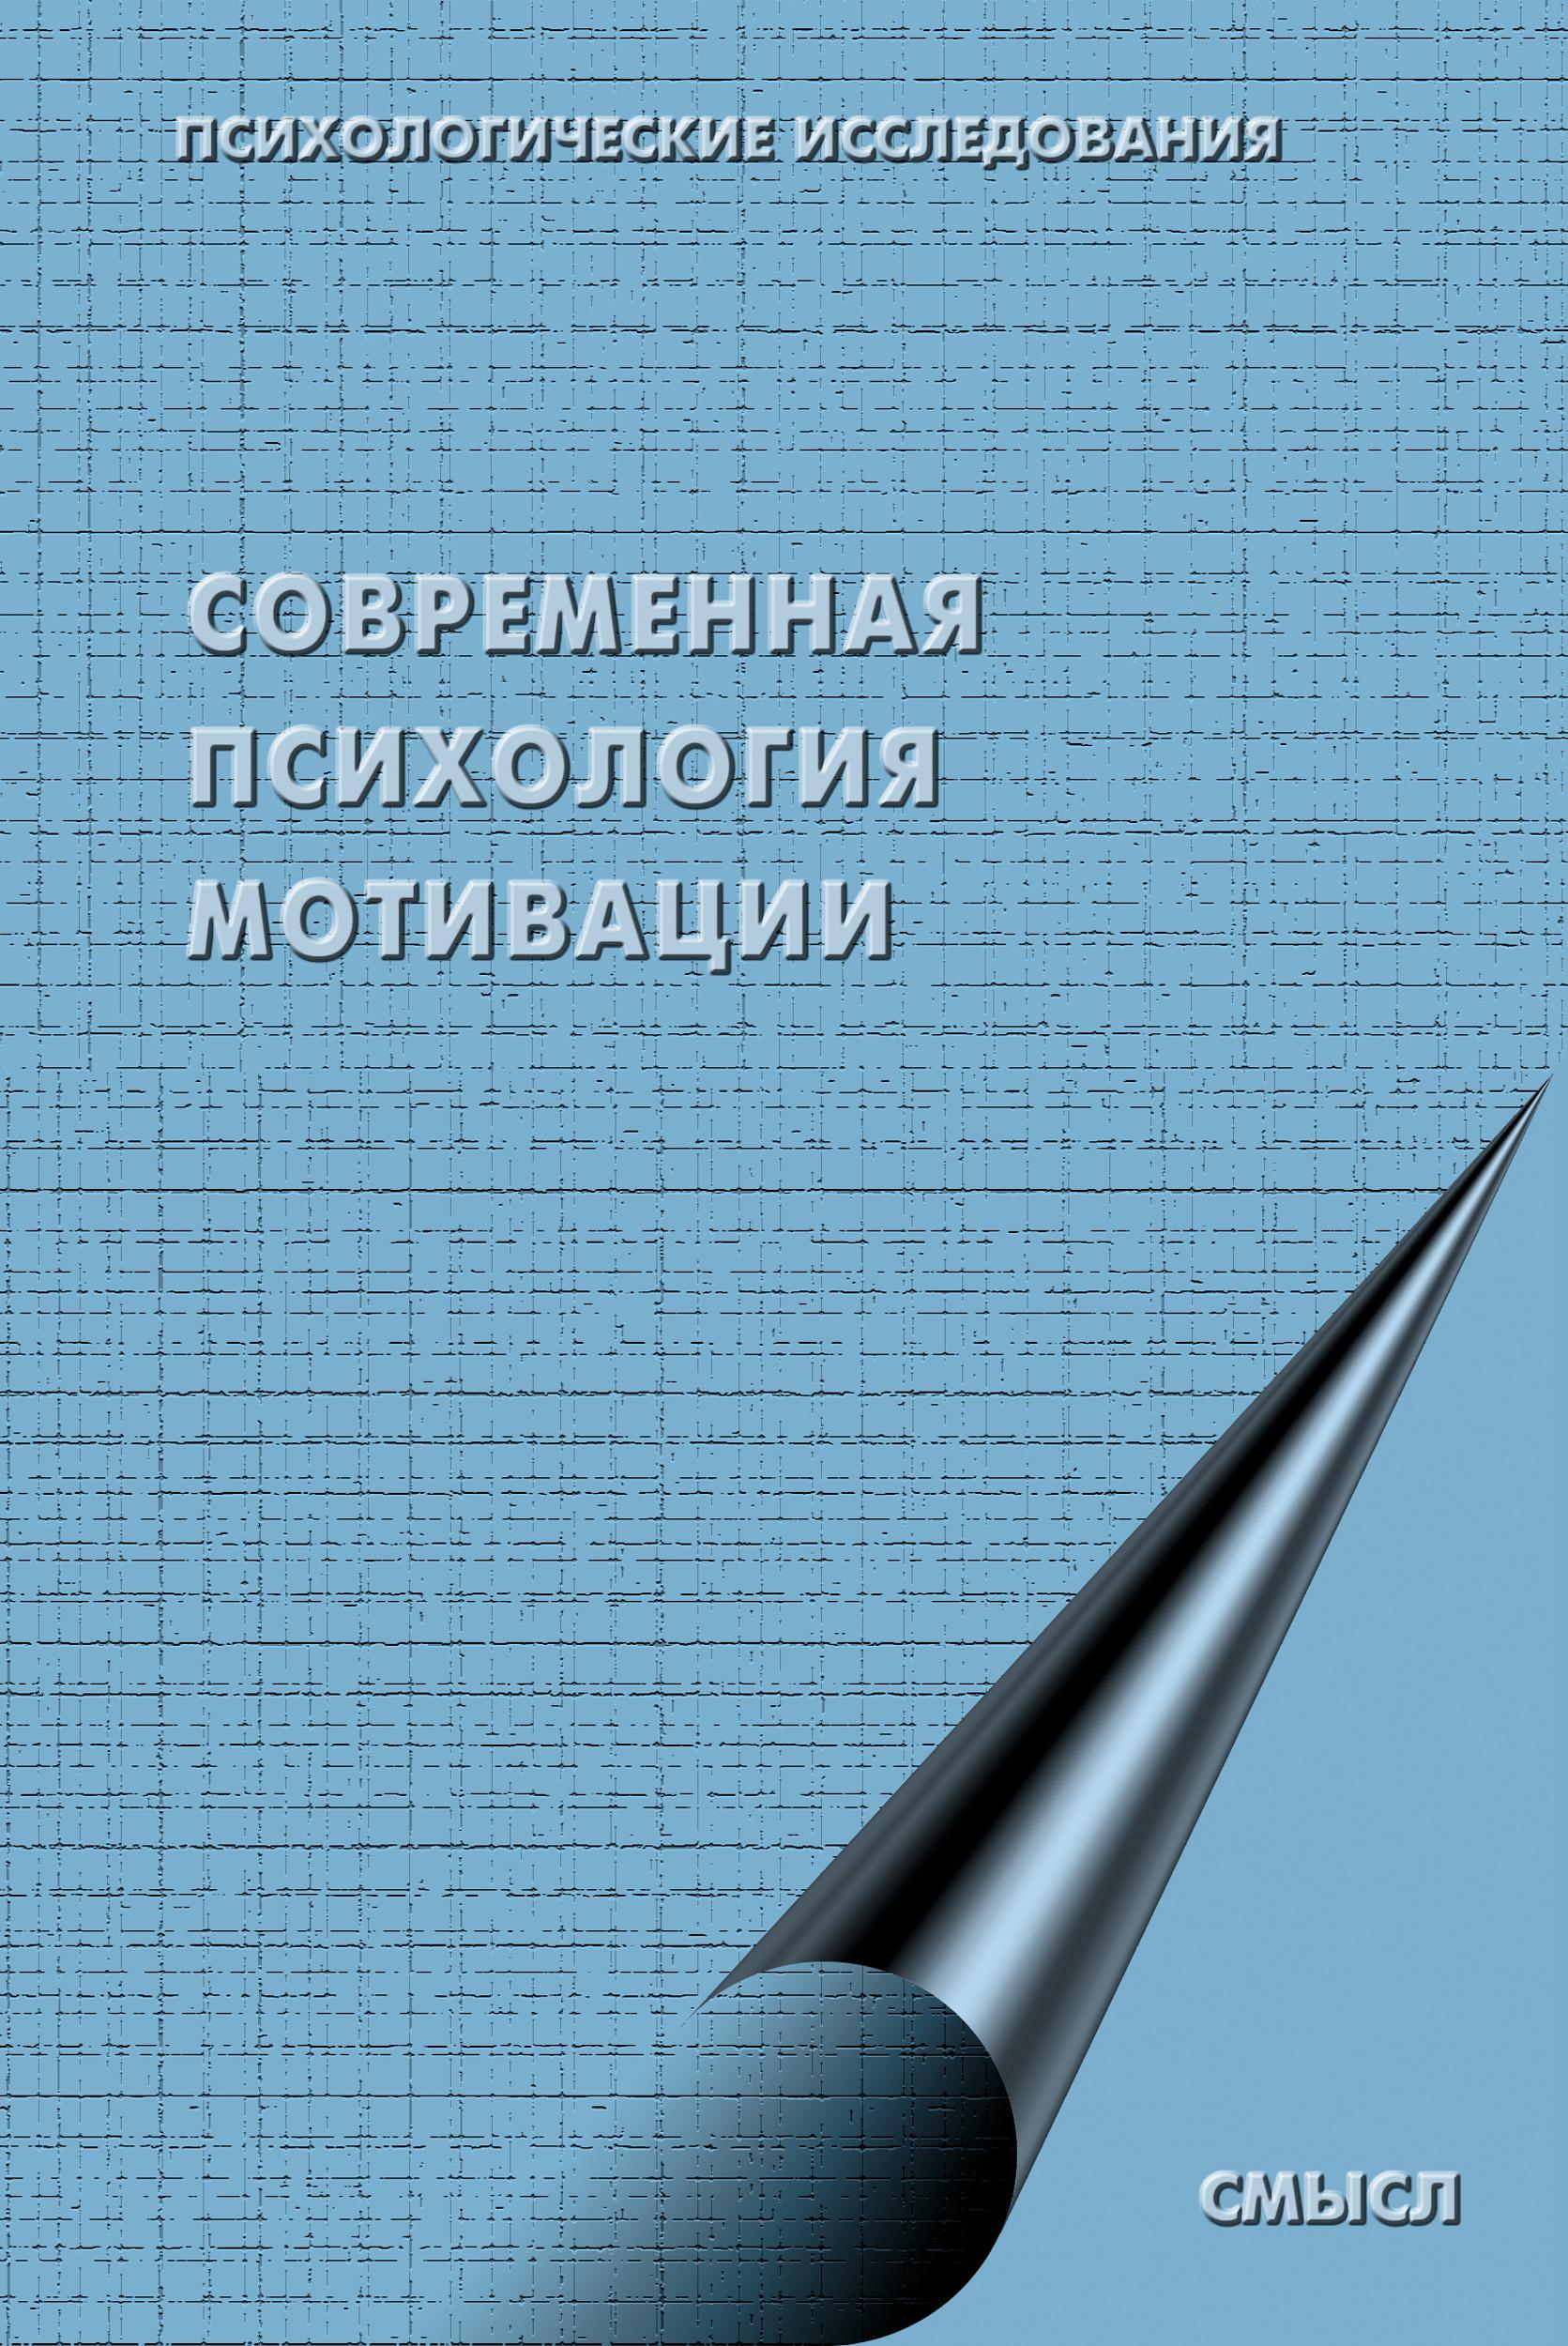 Коллектив авторов Современная психология мотивации (сборник) коллектив авторов взаимоотношения исследовательской и практической психологии